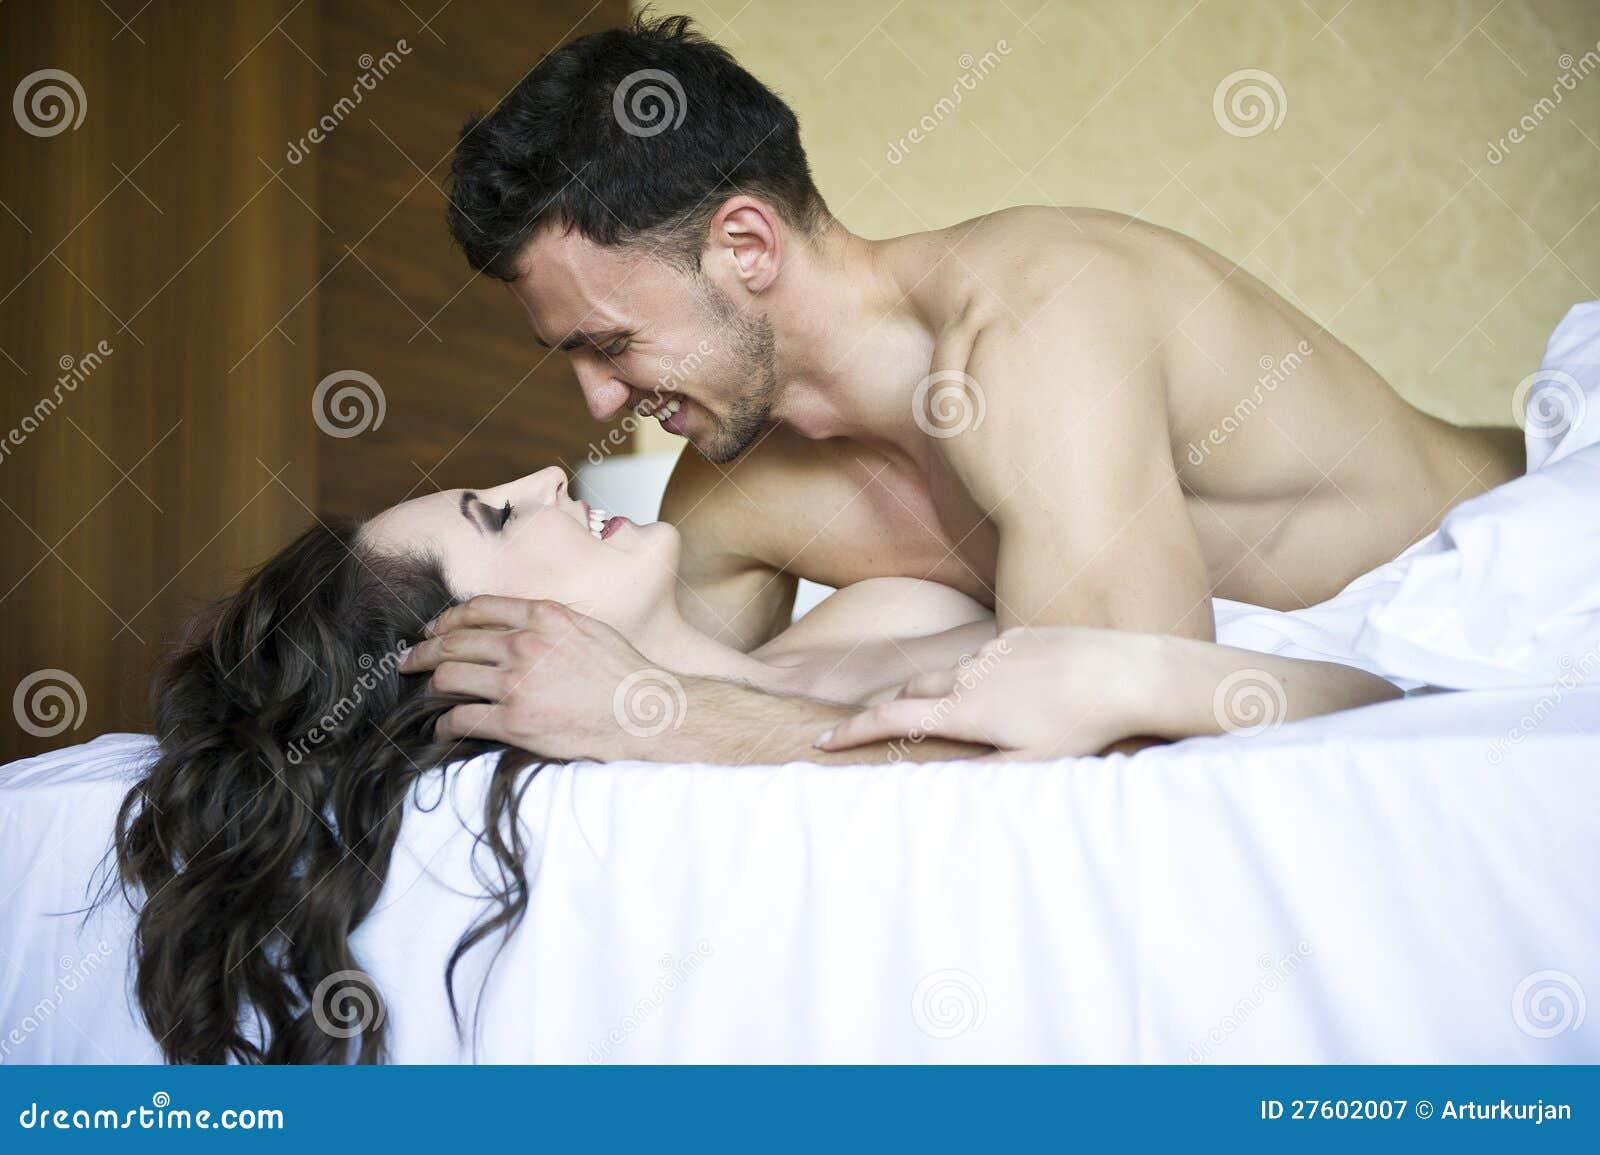 Фото обнаженной пары в постели 5 фотография